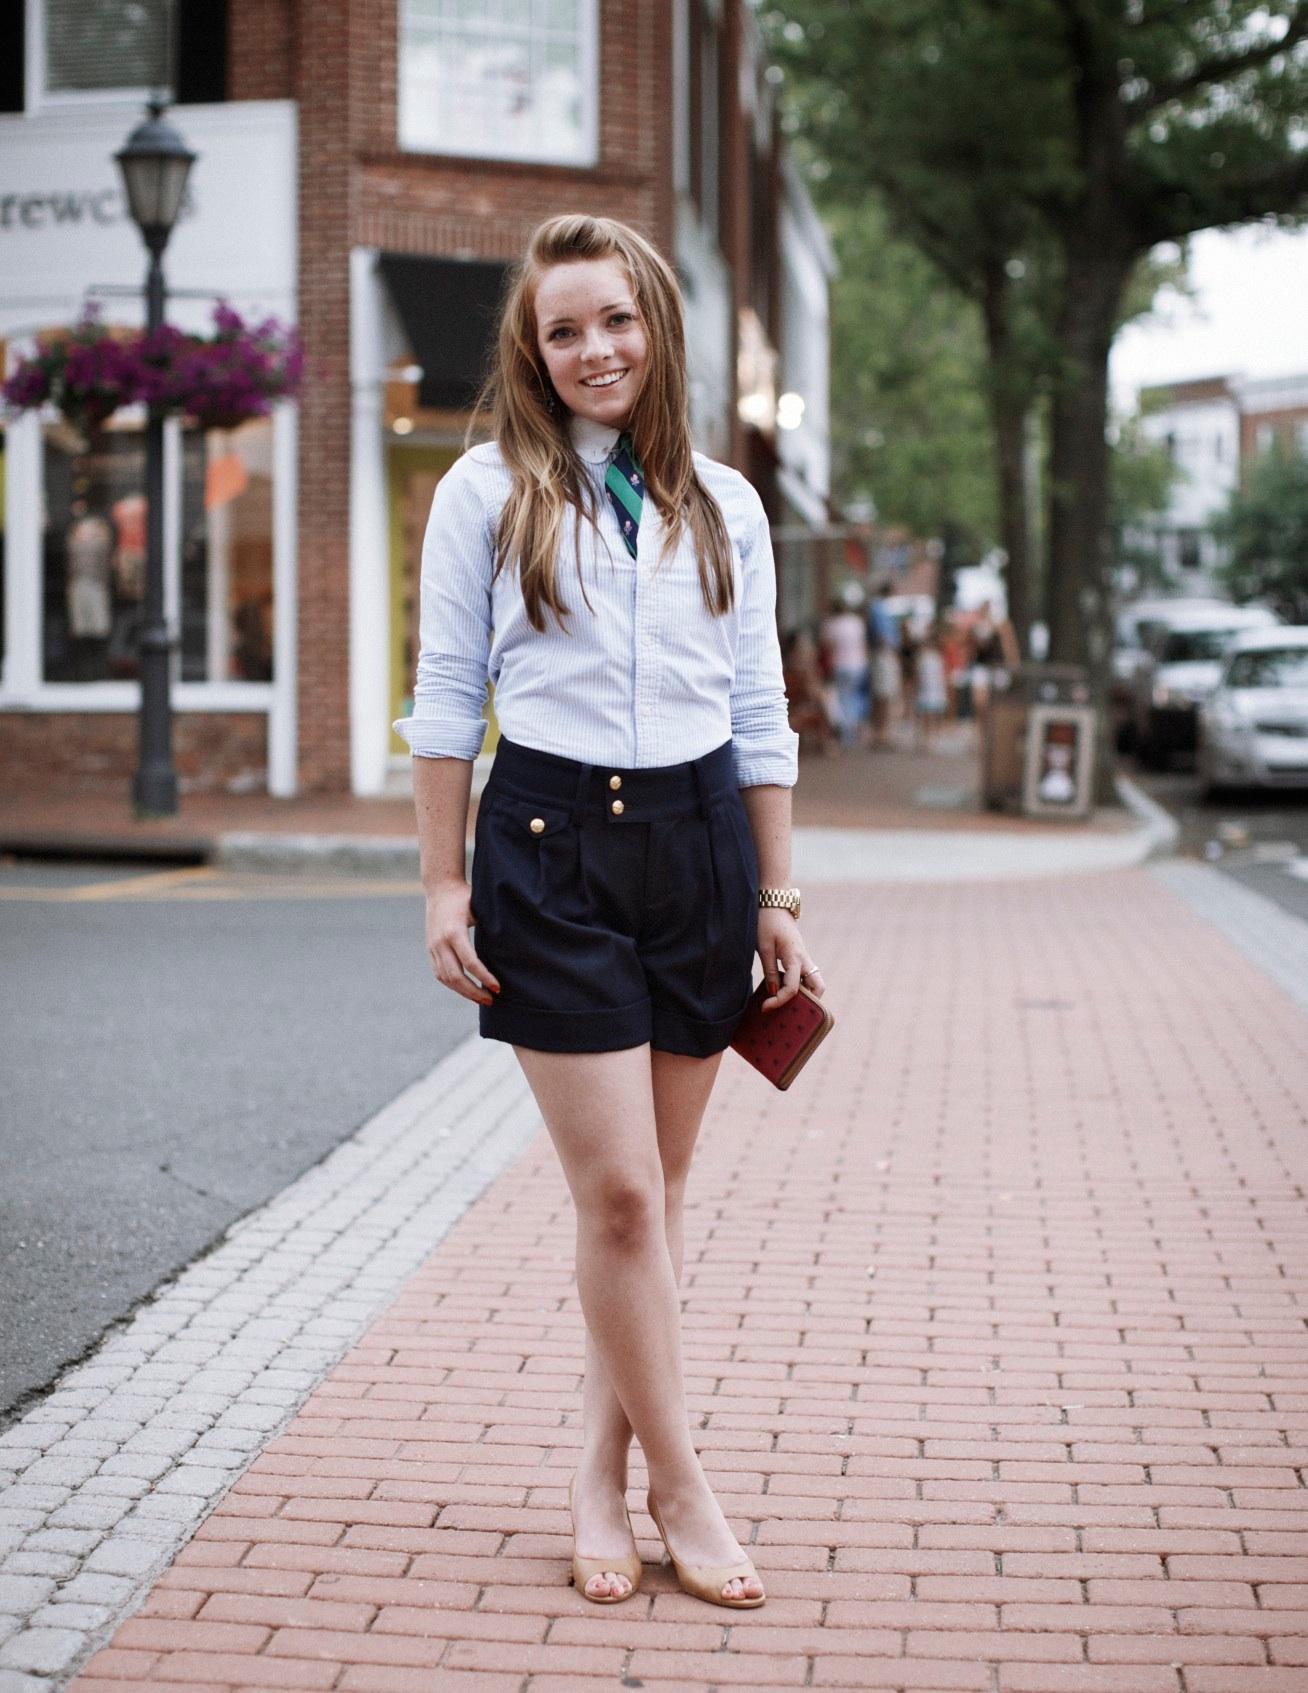 Schoolgirl . Castleberry